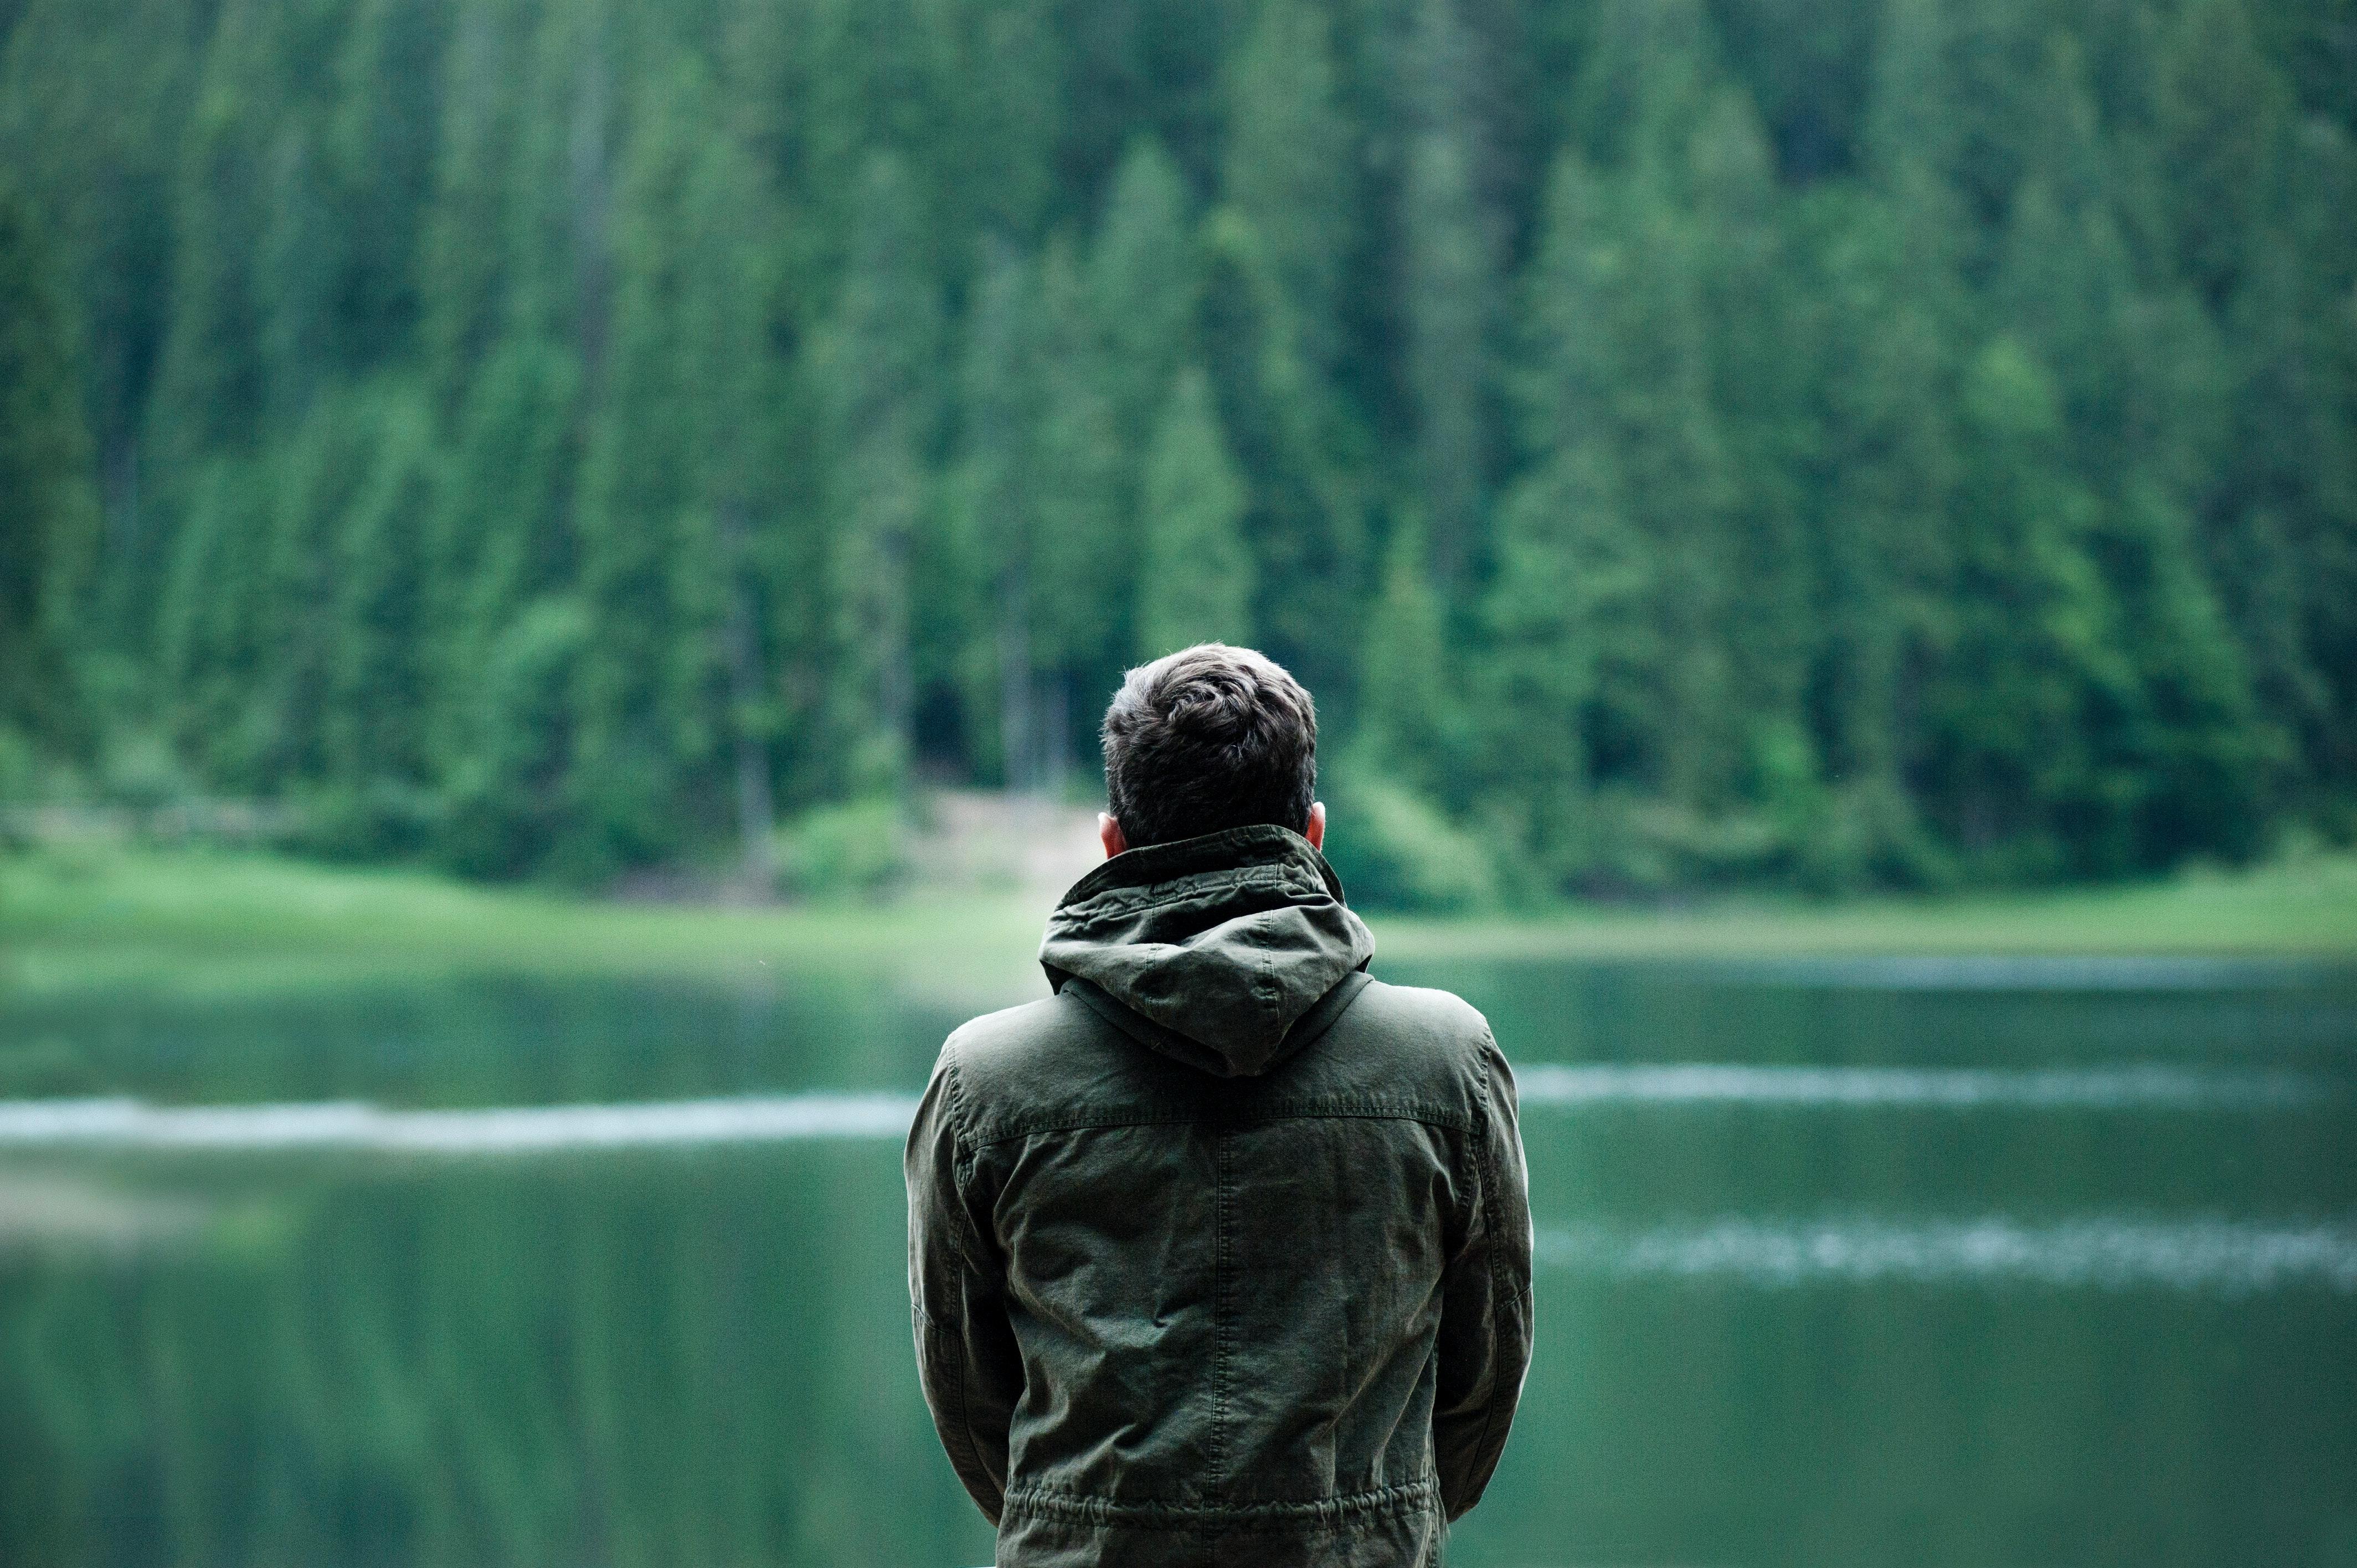 1000 Beautiful Sad Man Photos Pexels Free Stock Photos